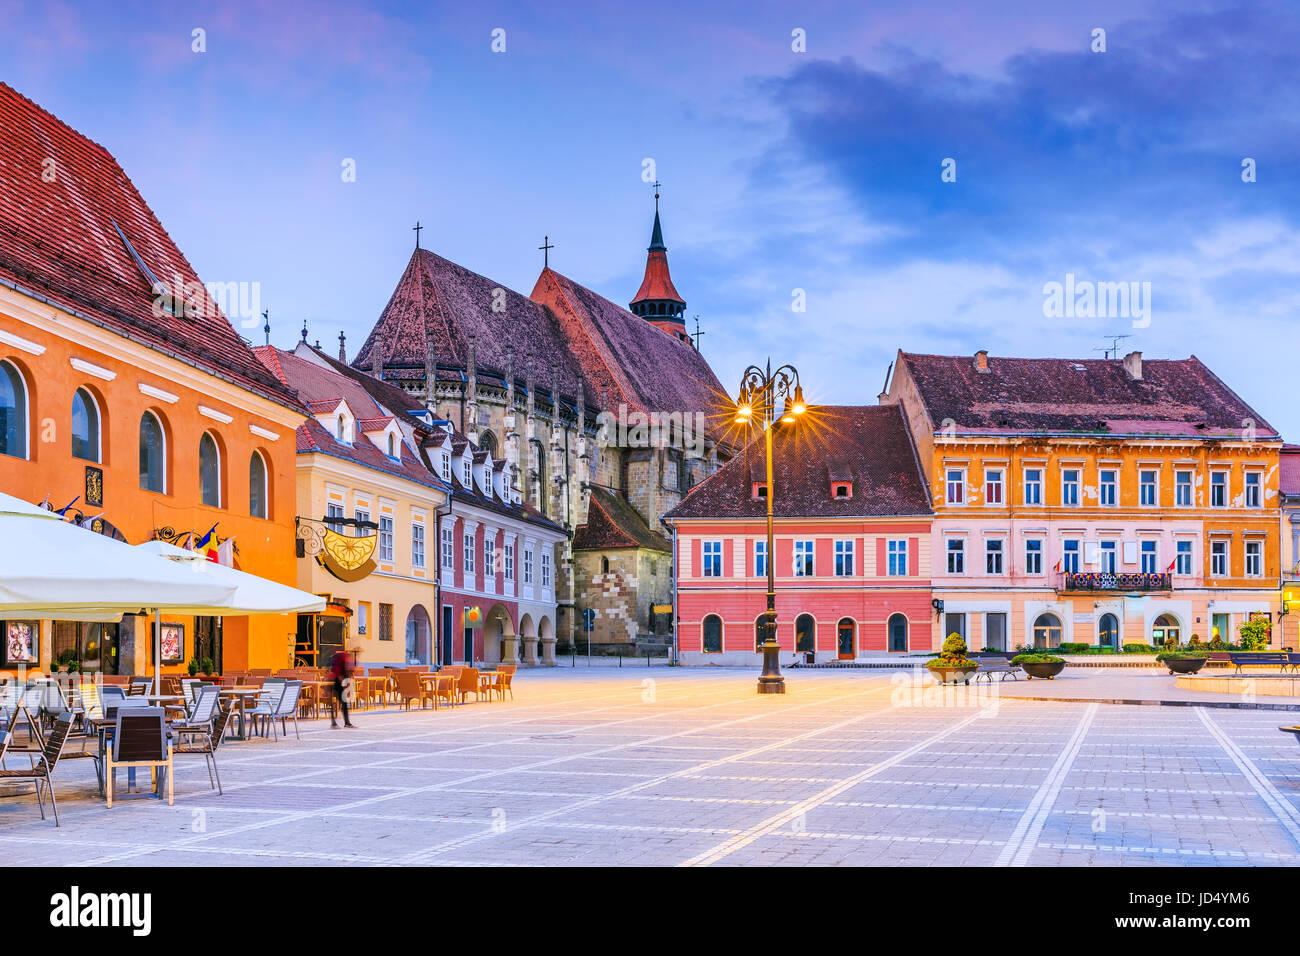 Brasov, Roumanie. L'église noire dans la place principale de la vieille ville. Photo Stock